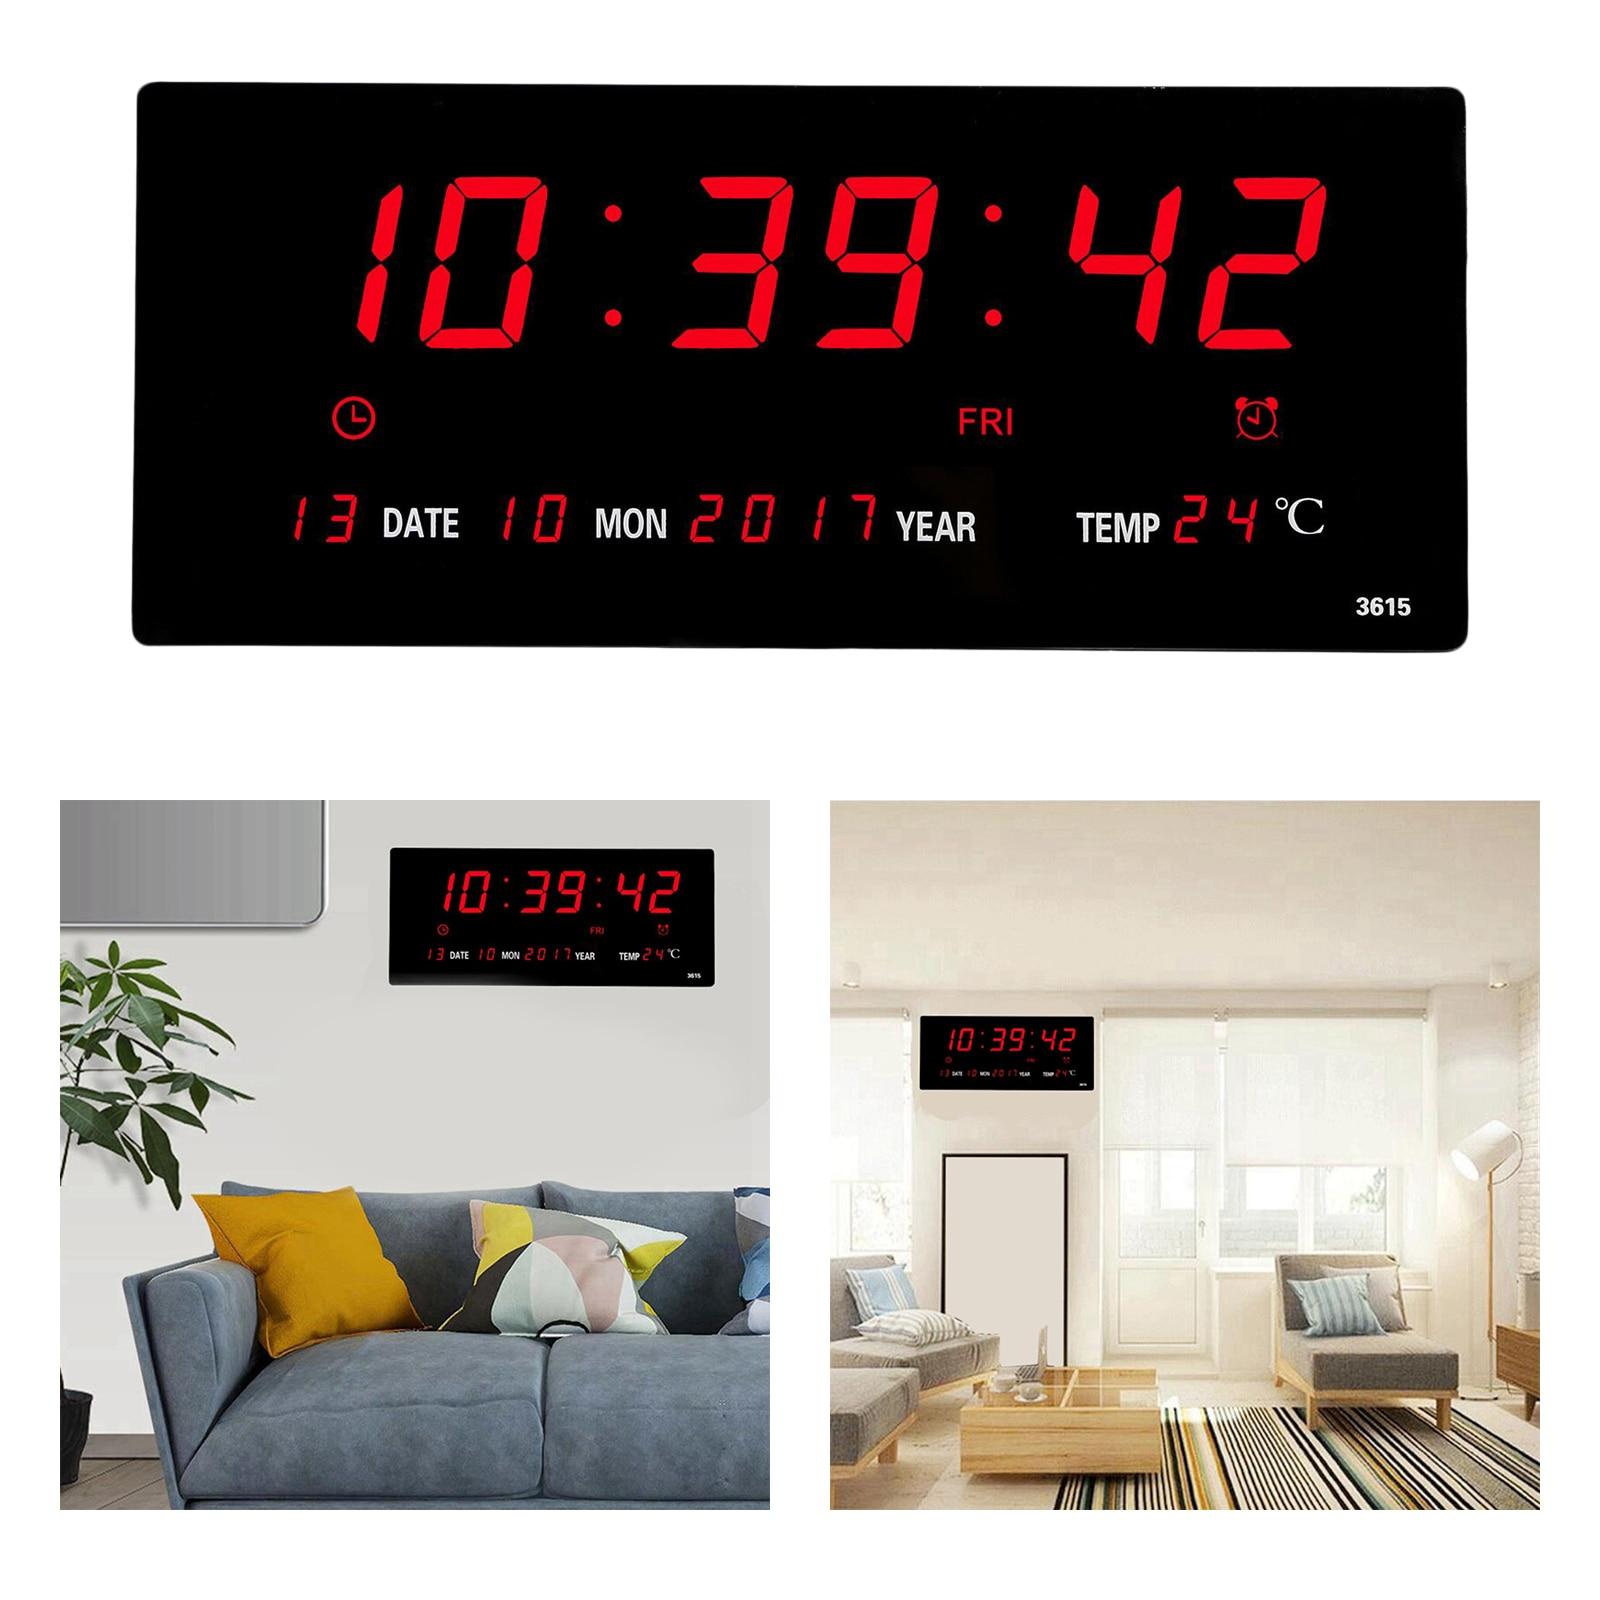 LED ساعة حائط رقمية التقويم عرض كبير ث/تاريخ درجة الحرارة في الأماكن المغلقة ومشاهدة اليوم للزينة غرفة المعيشة المنزلي